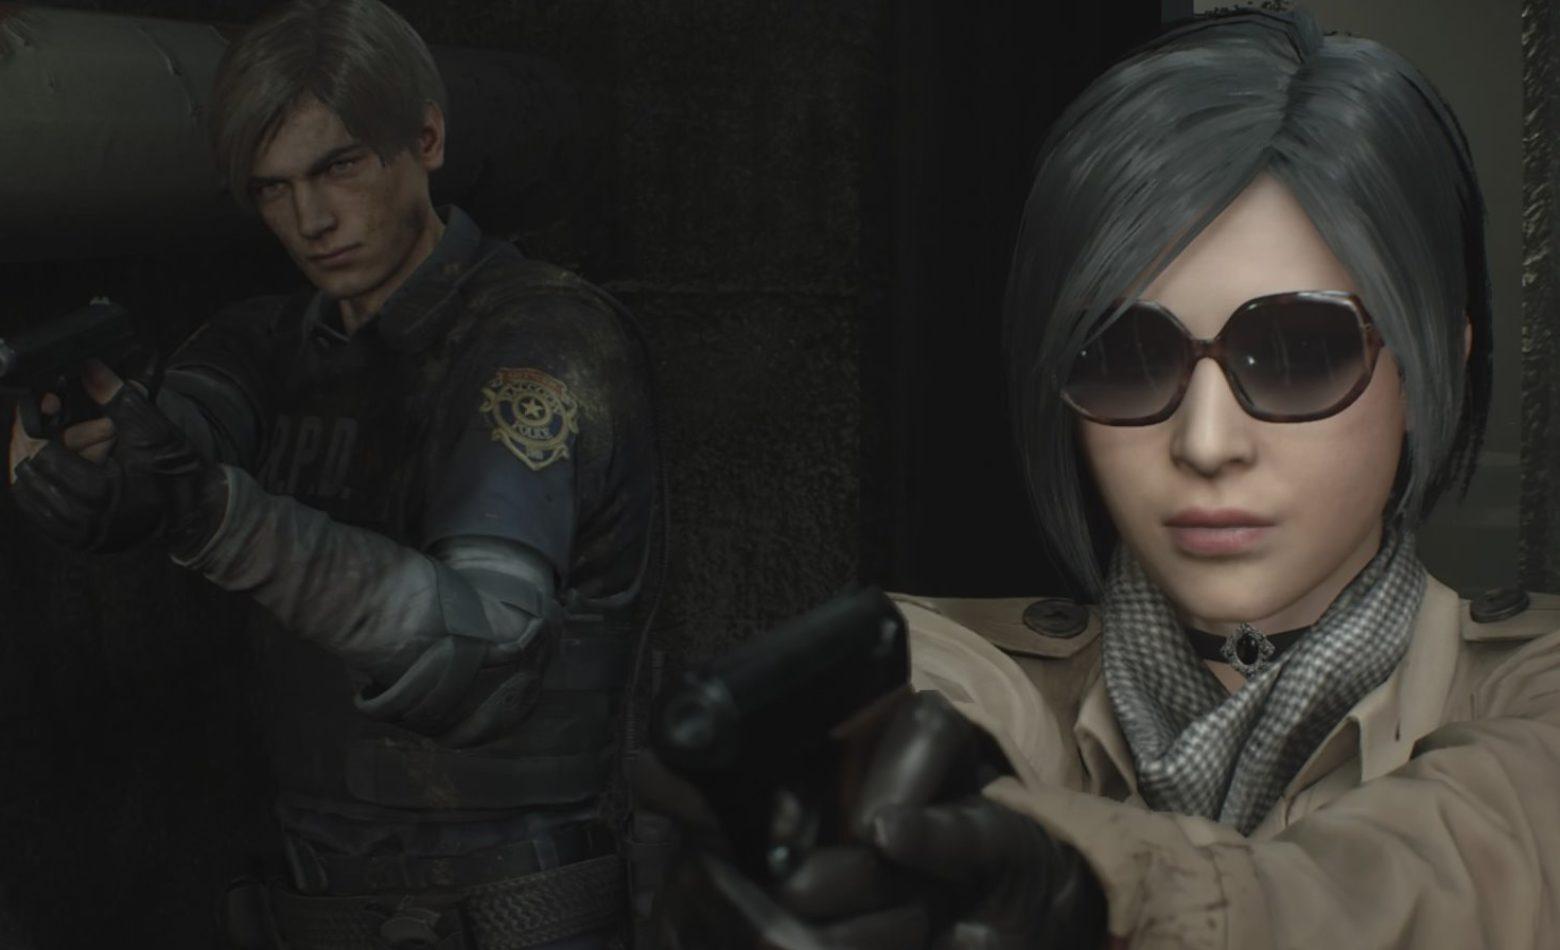 Finalmente o final verdadeiro de Resident Evil 2 [Gameplay]